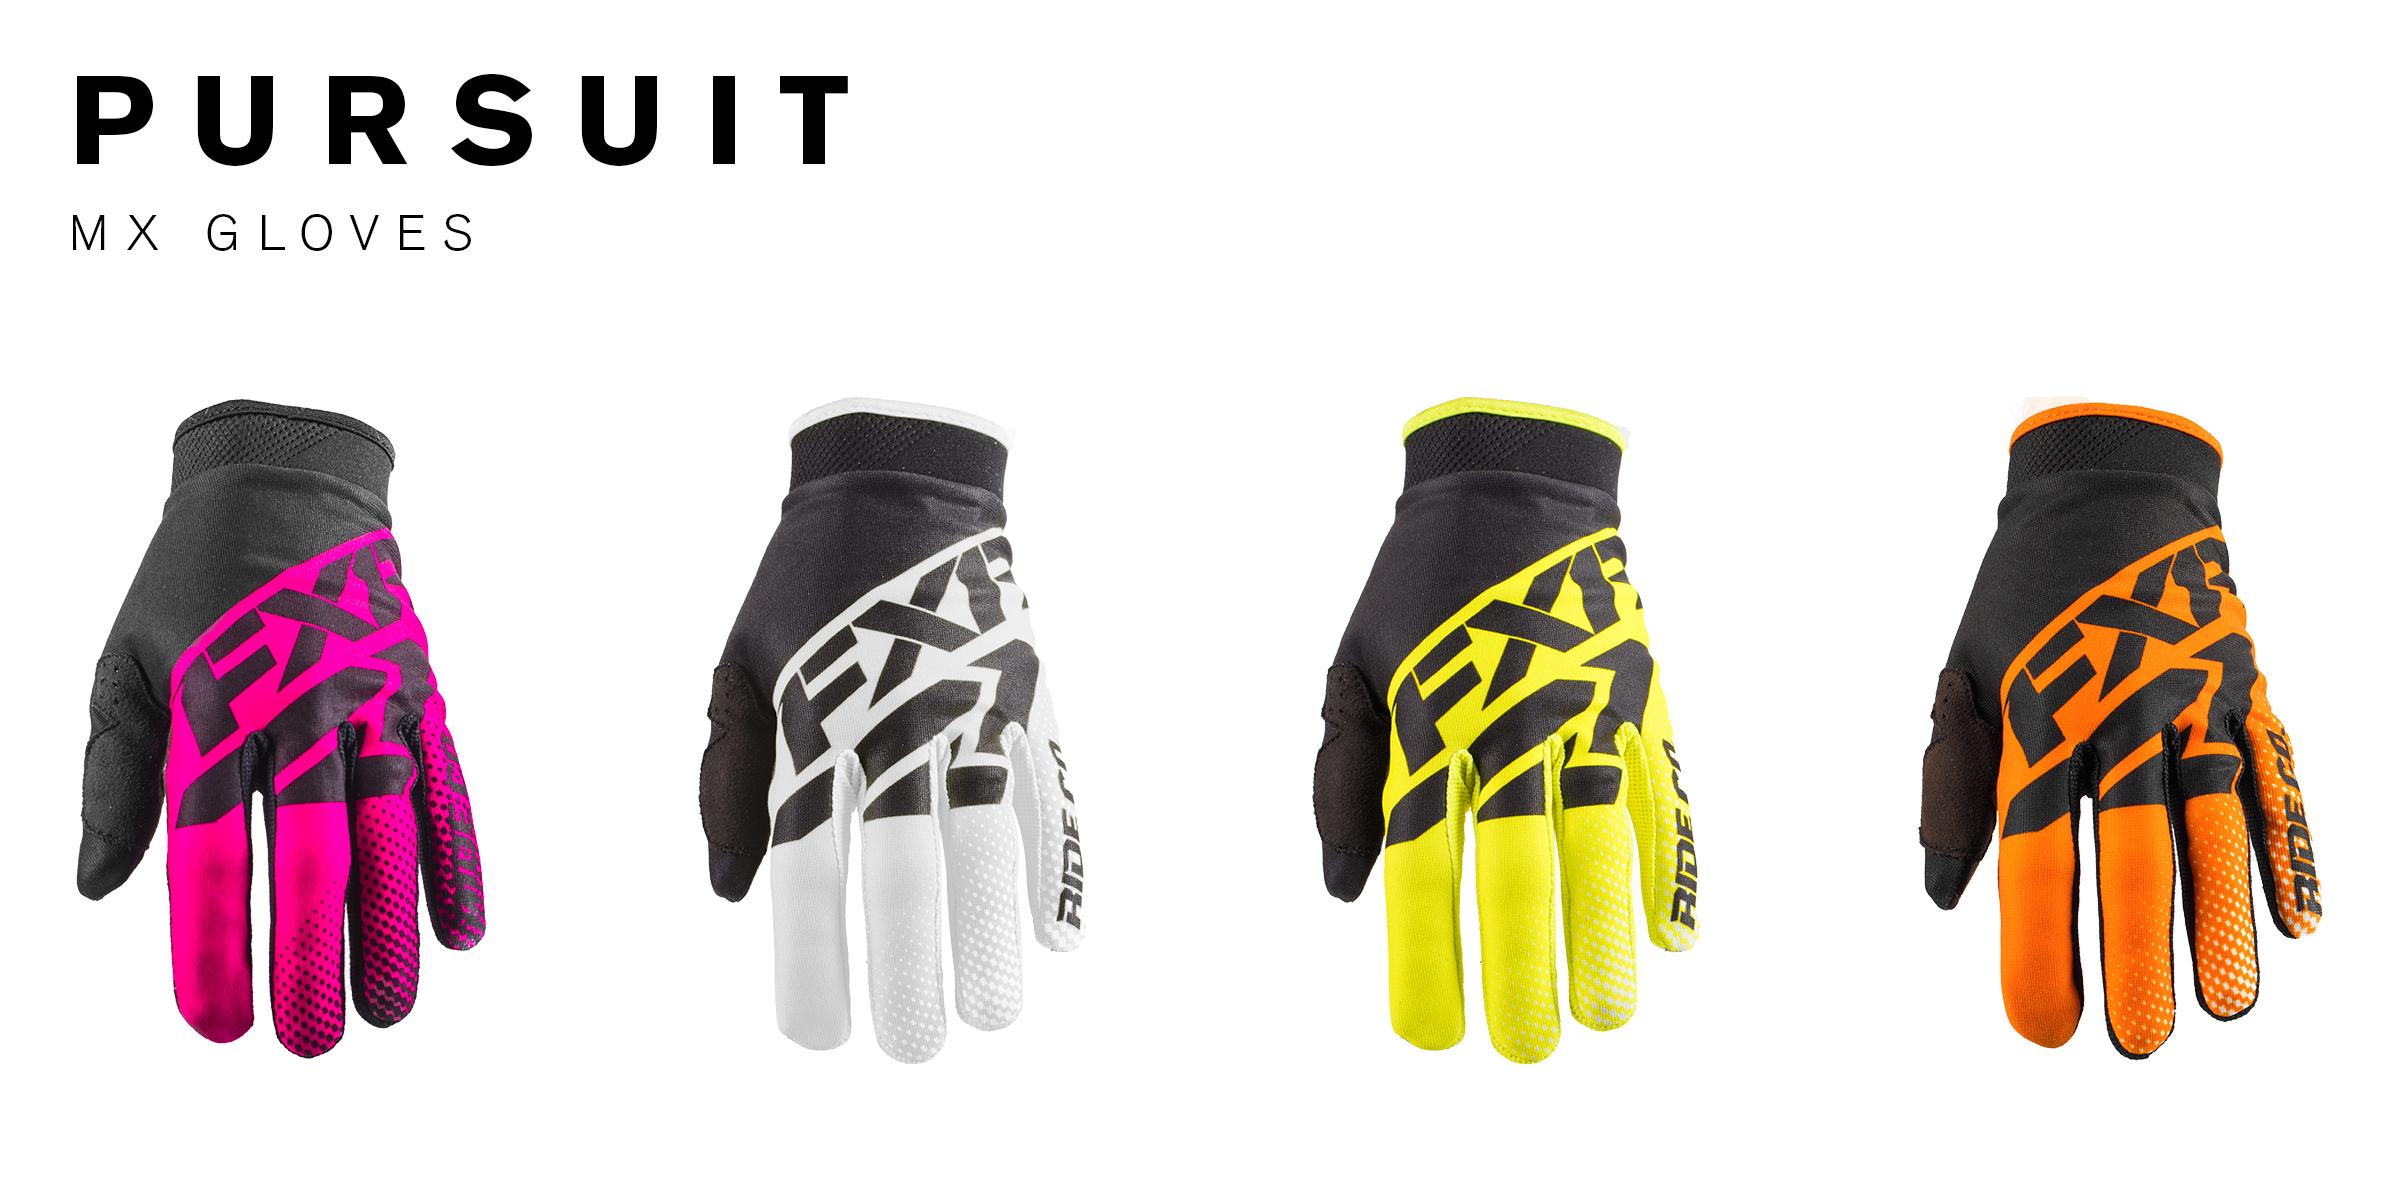 Pursuit MX gloves 2018.jpg